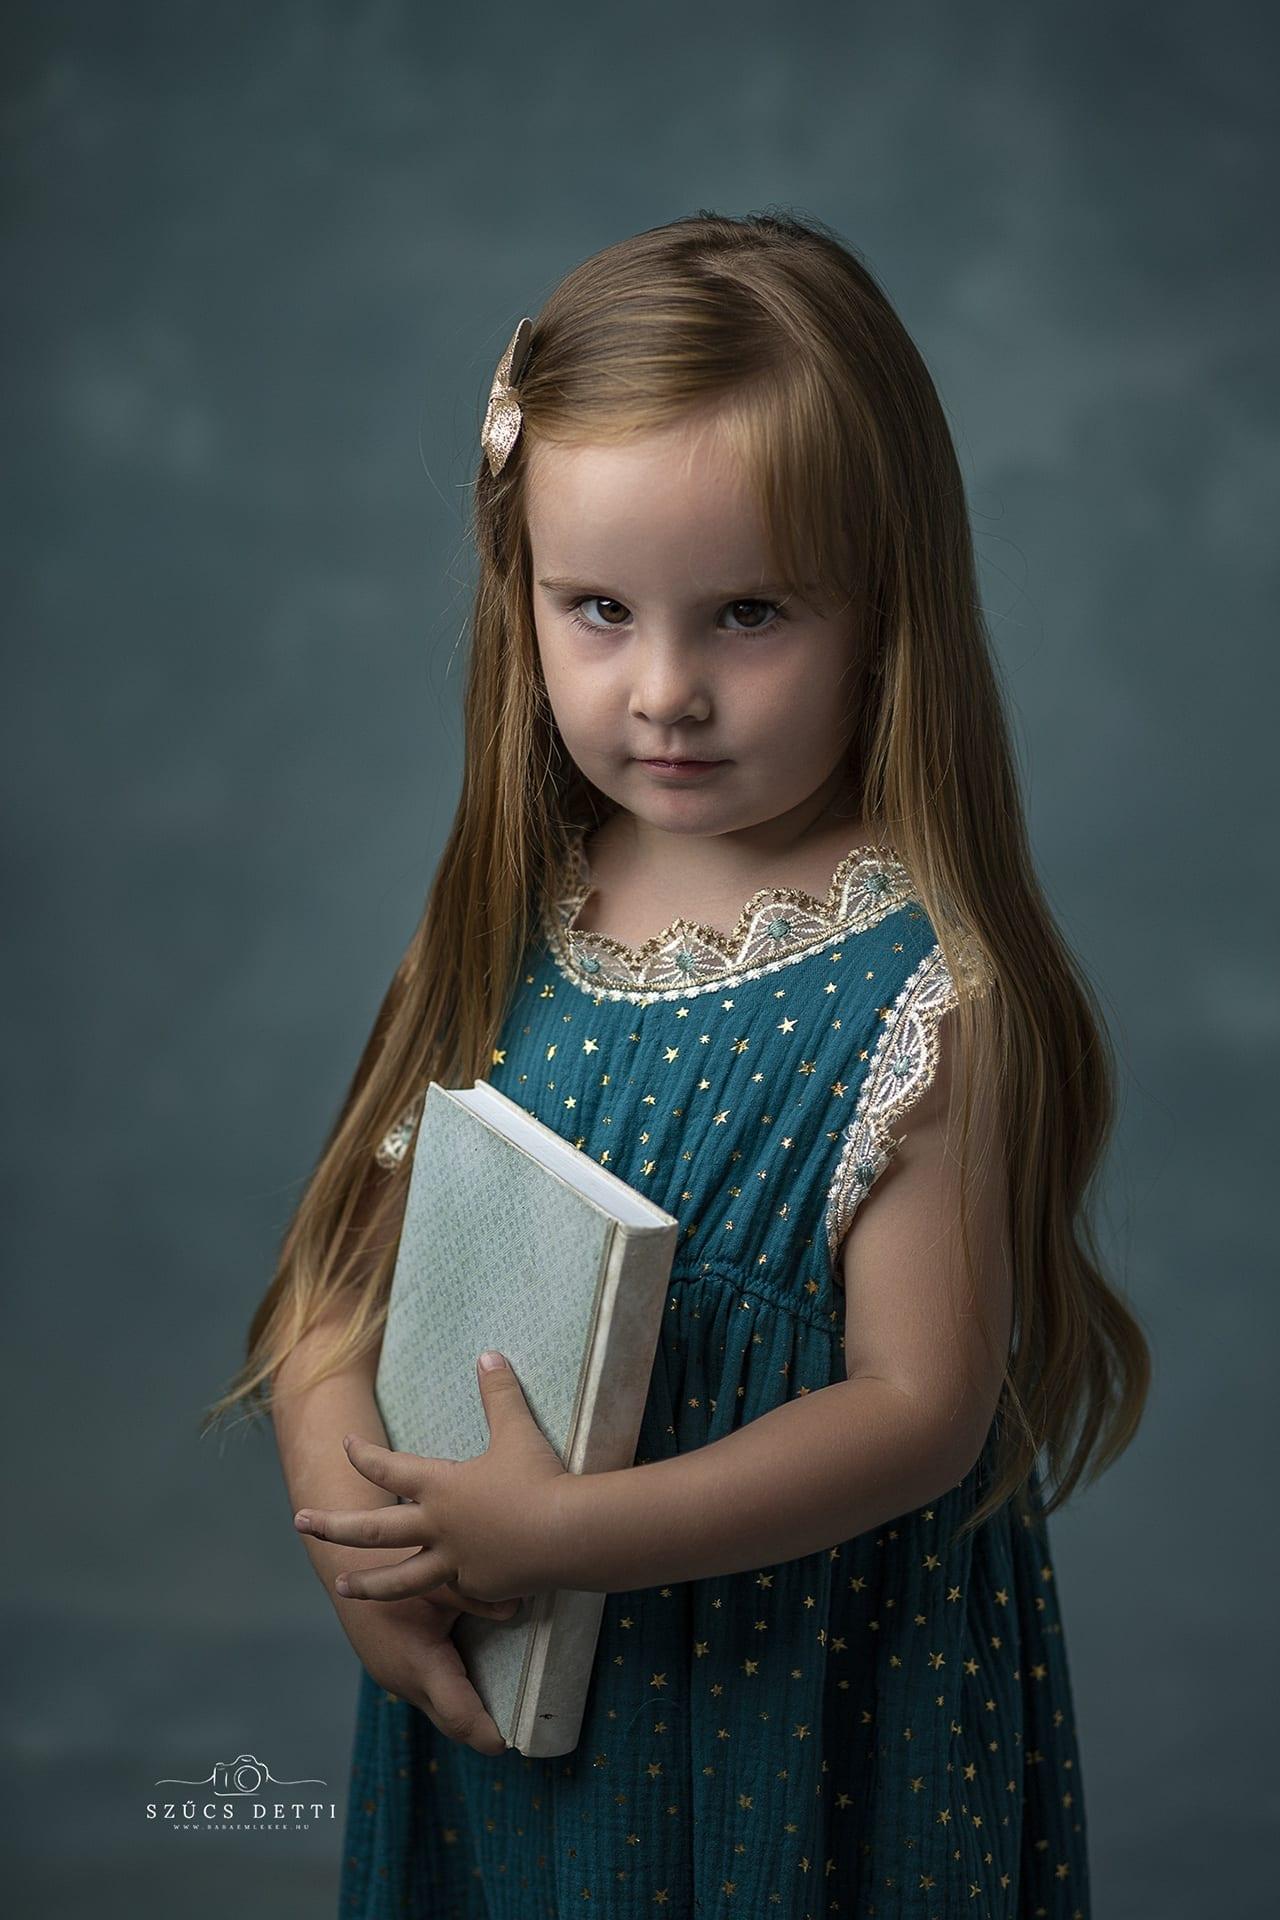 Fine art gyermekfotózás bababarát fotóstúdióban